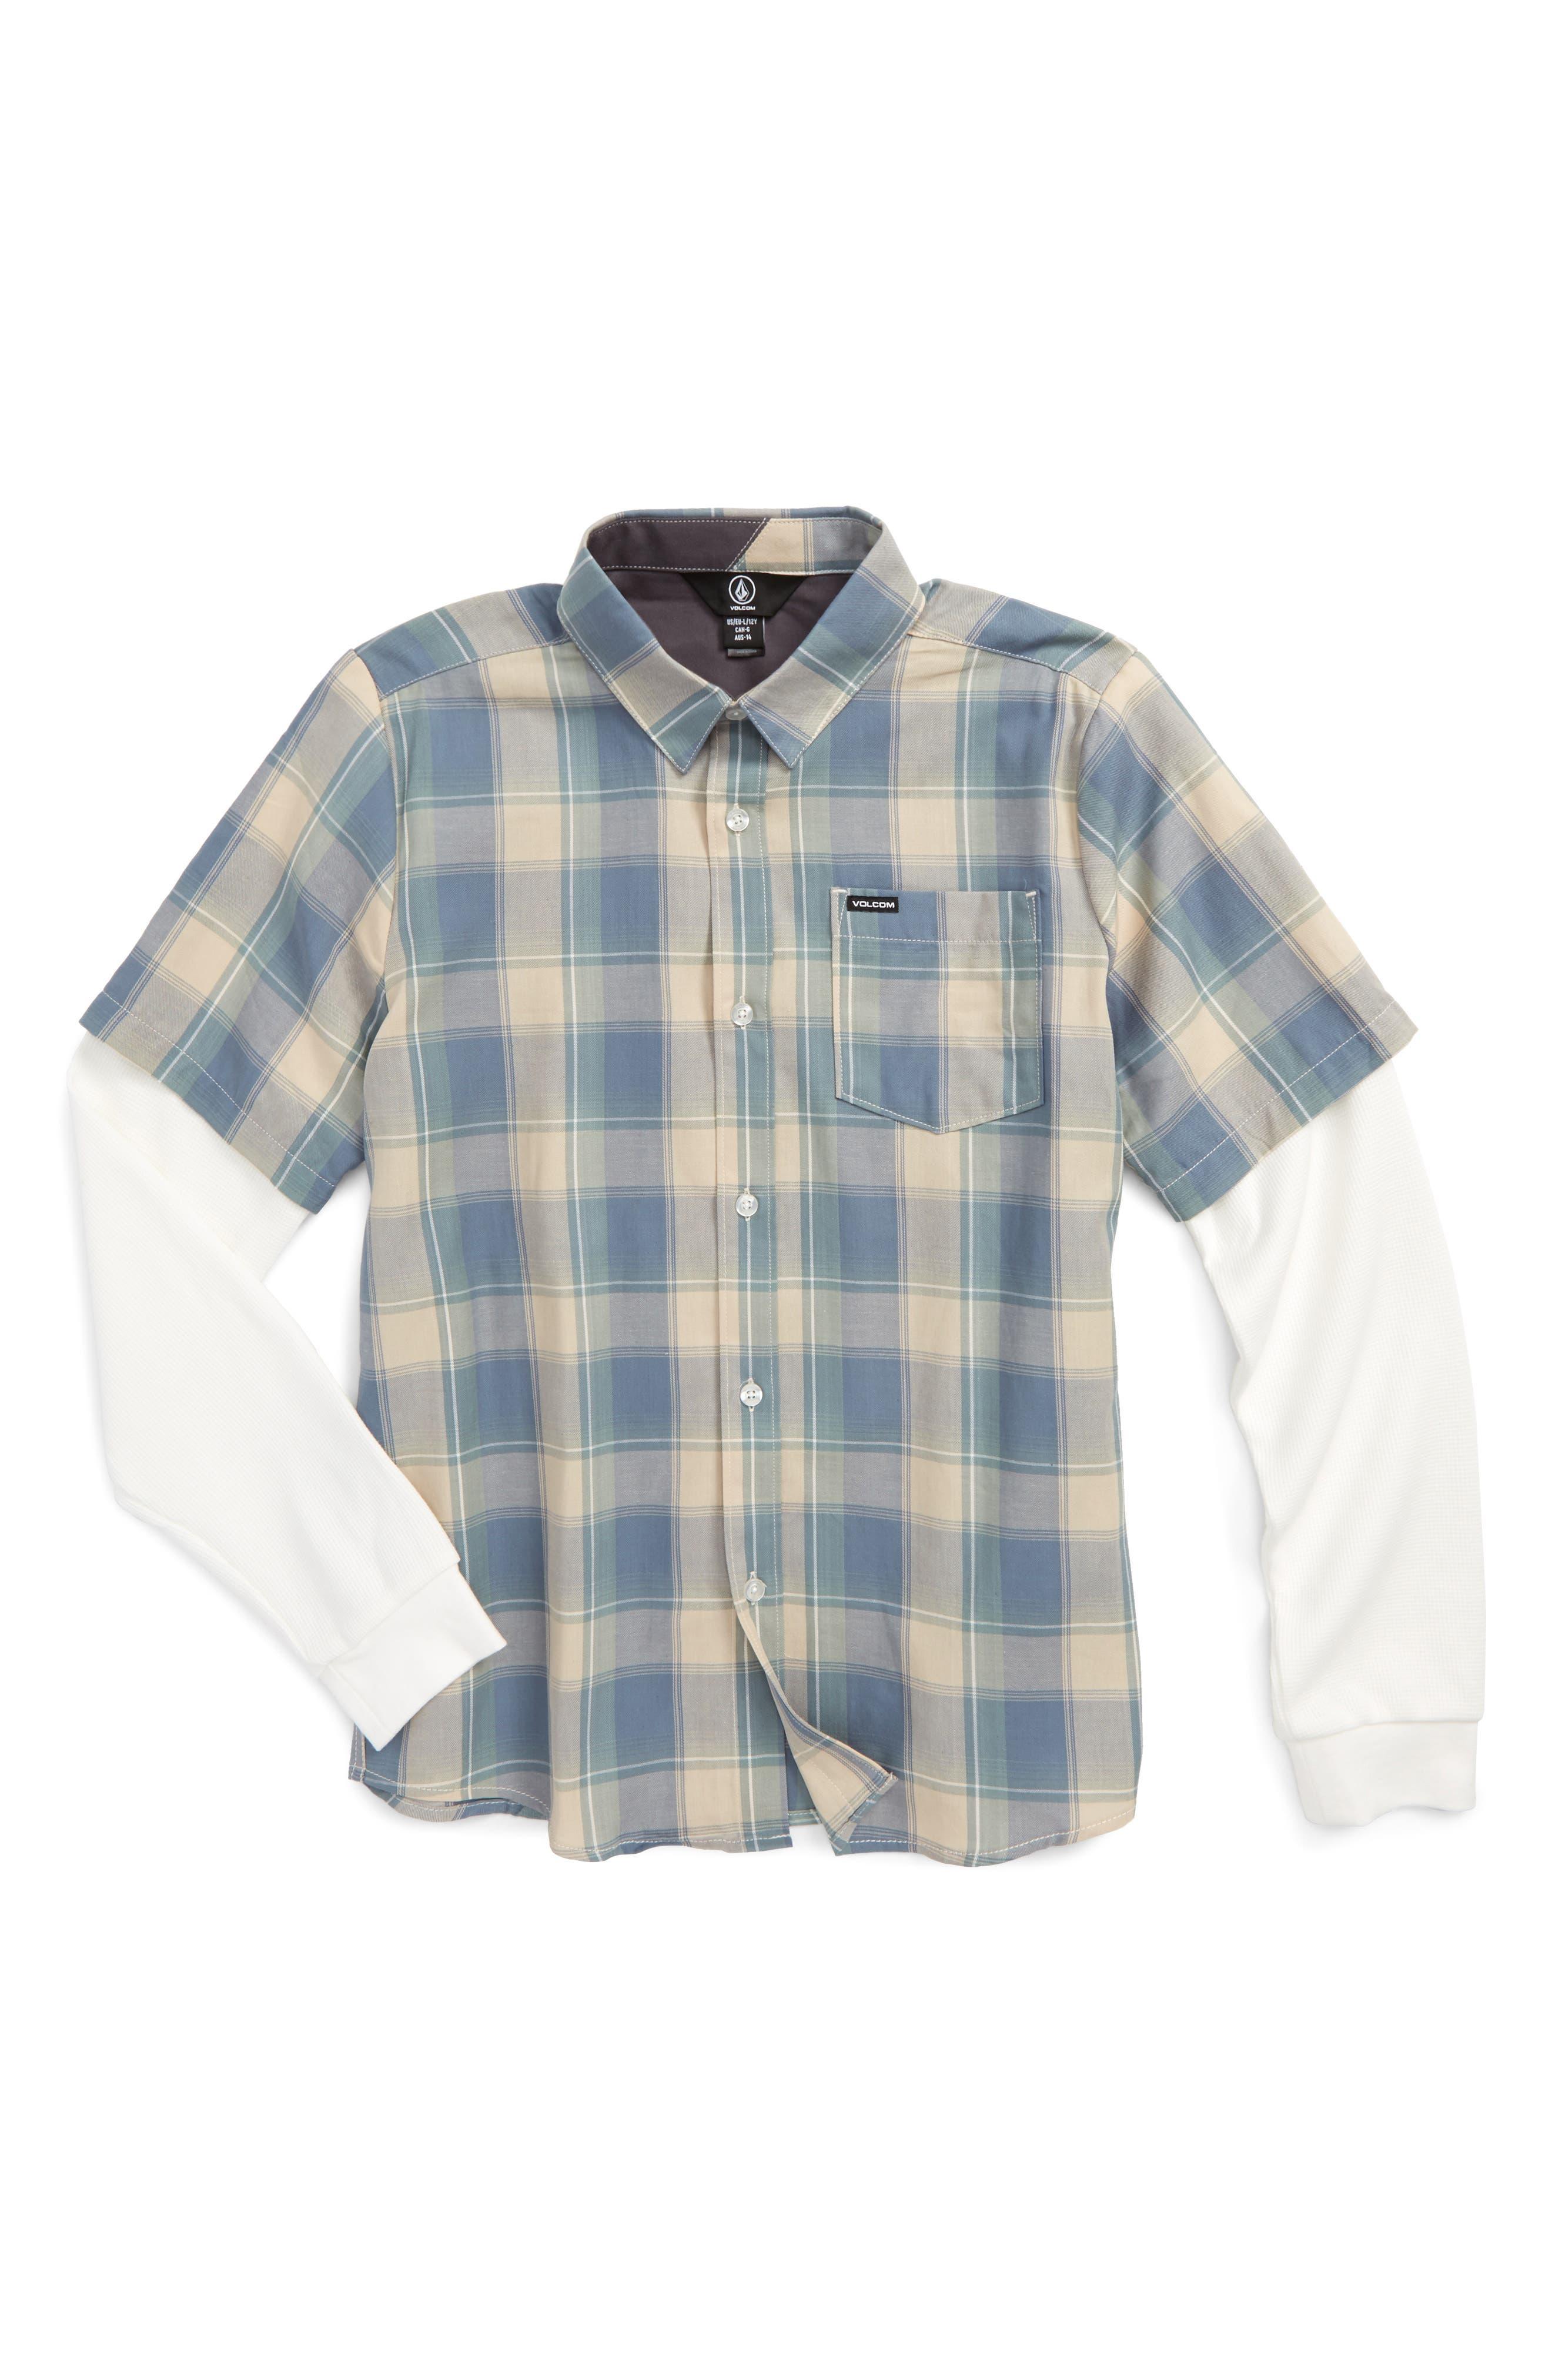 Volcom Hayes Plaid Layer Shirt (Big Boys)